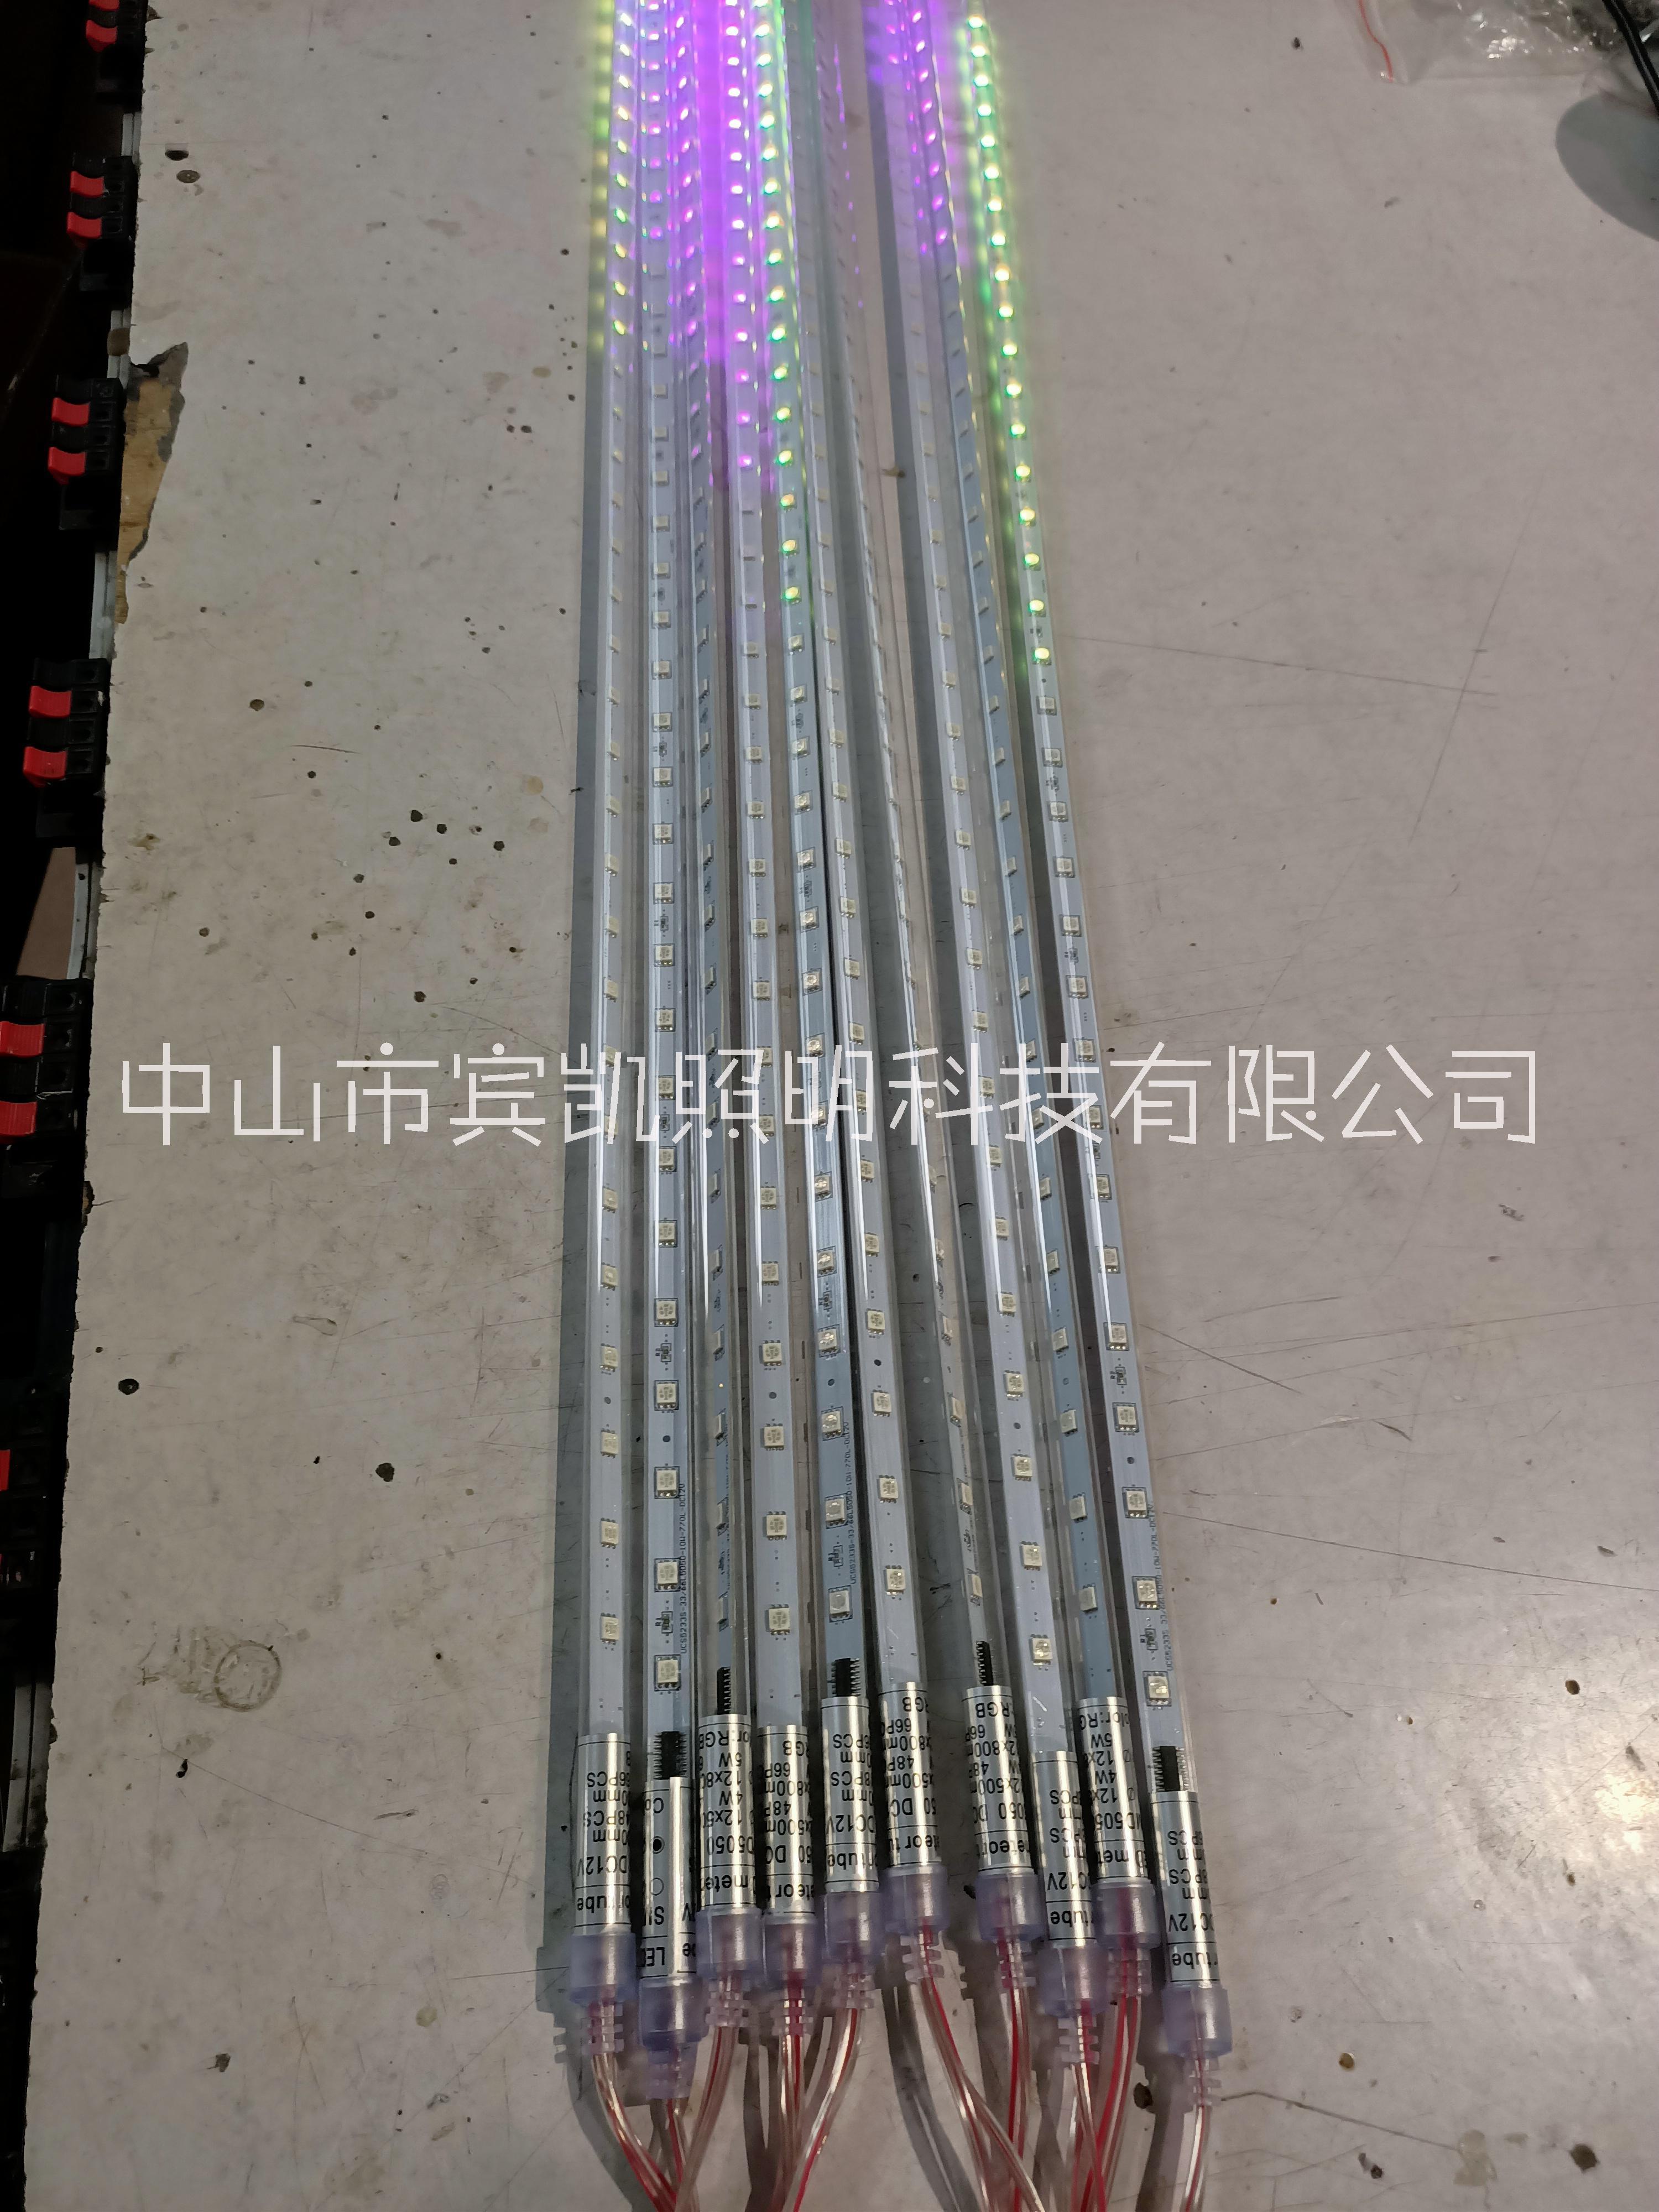 广东七彩流星灯定制 LED七彩流星灯生产厂家